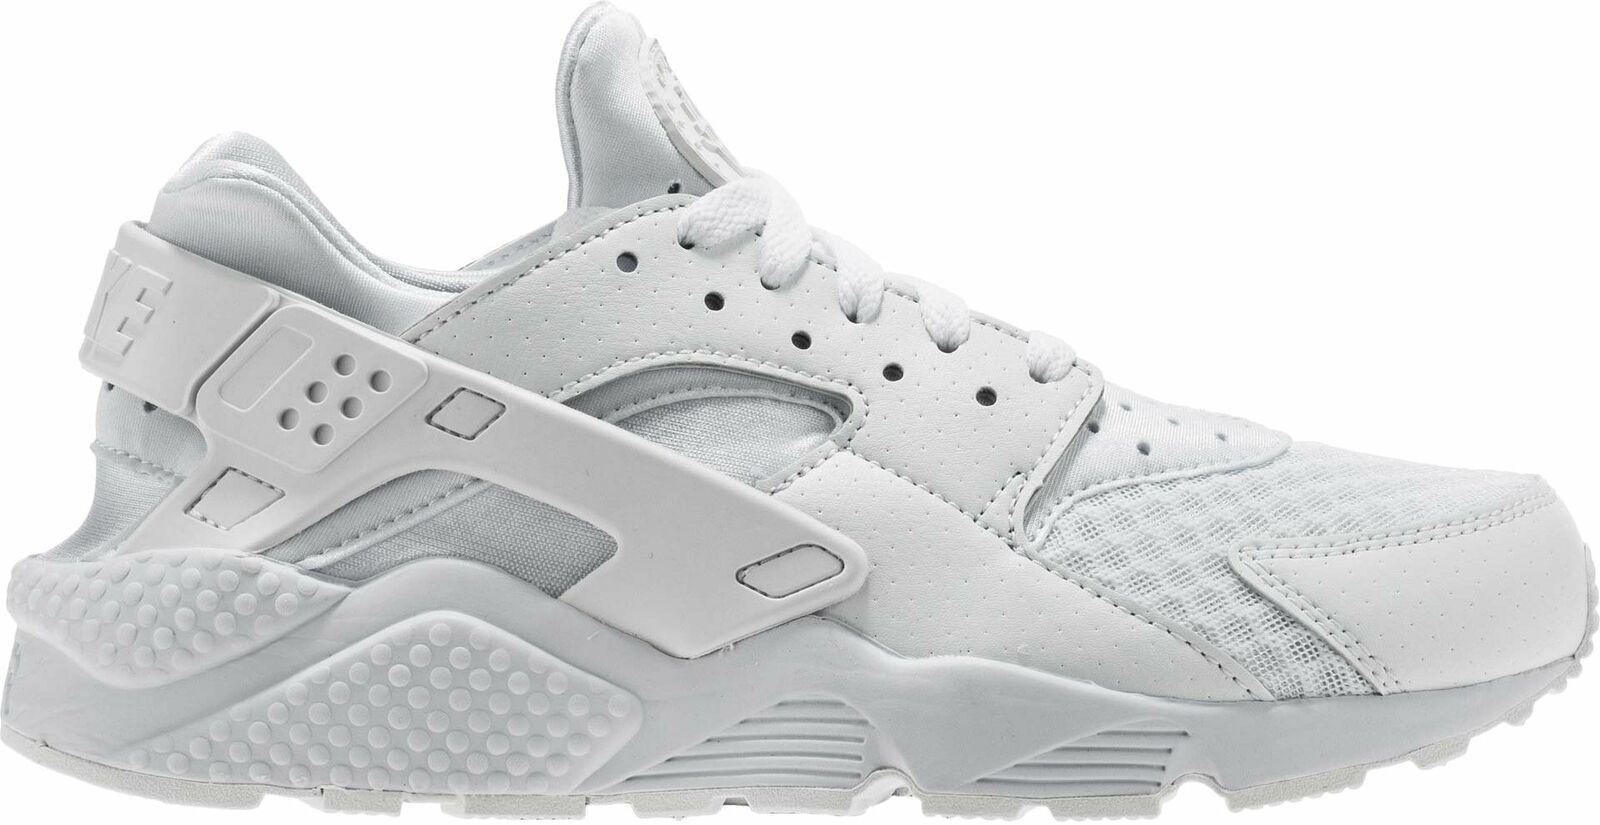 aac85a3b817 318429-111 MENS NIKE AIR HUARACHE nccbgn5001-Casual Shoes - www ...